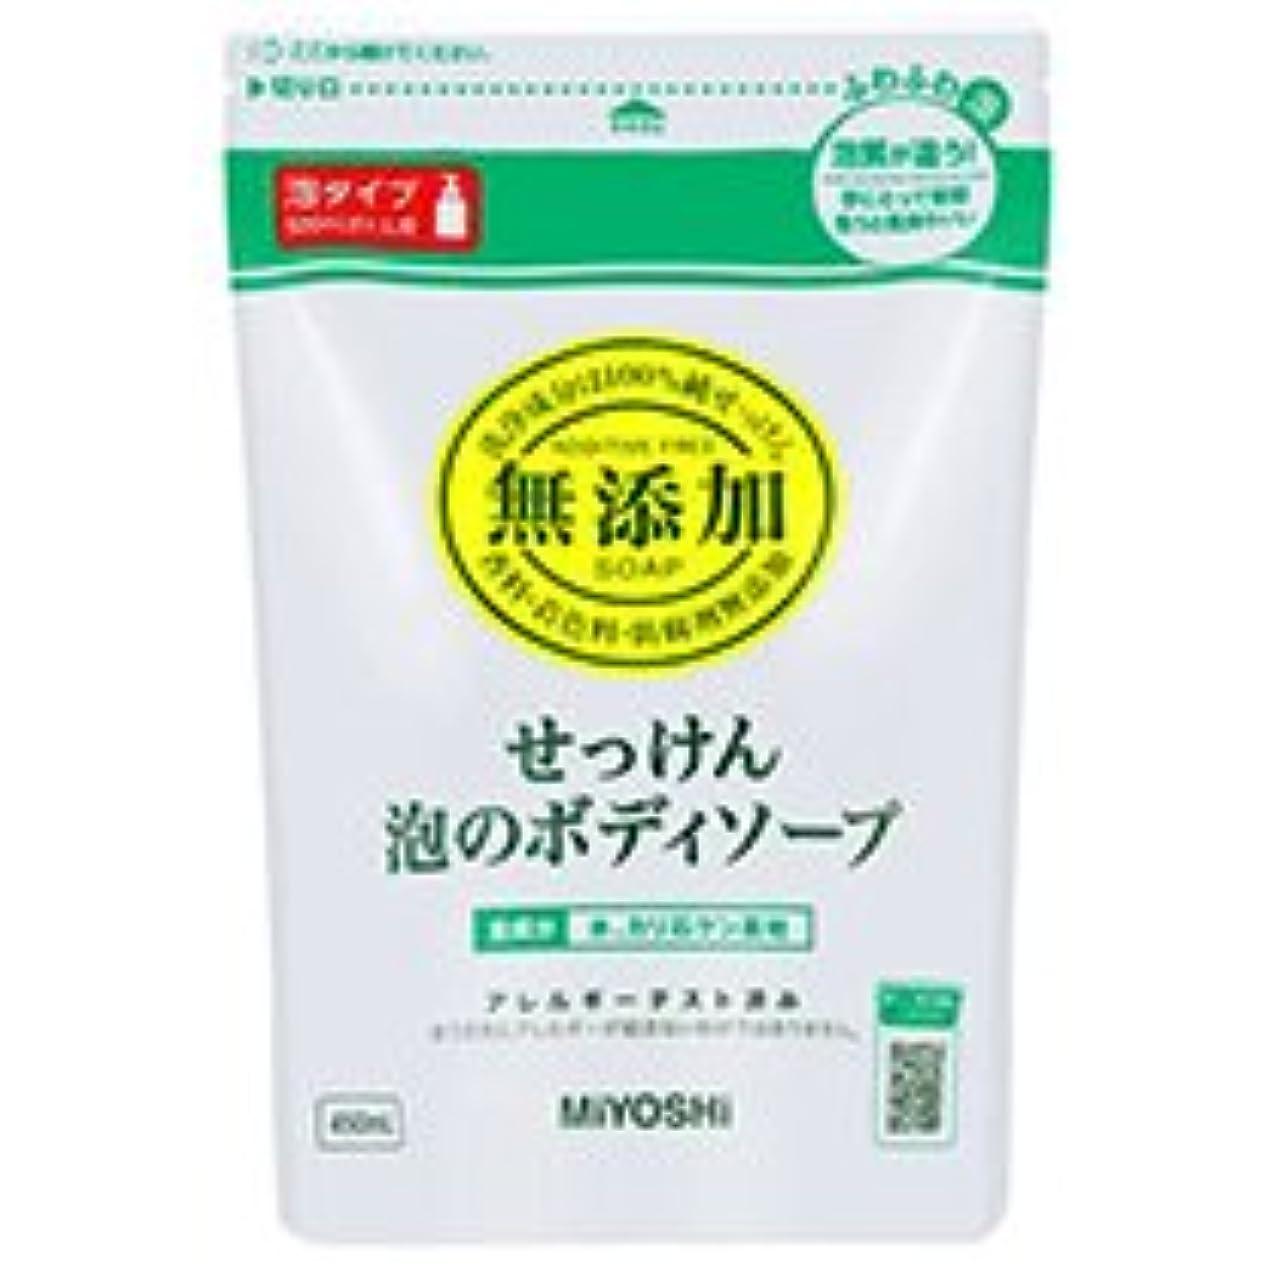 驚かす説得に賛成ミヨシ石鹸 無添加せっけん 泡のボディソープ 詰替用 450ml 1個